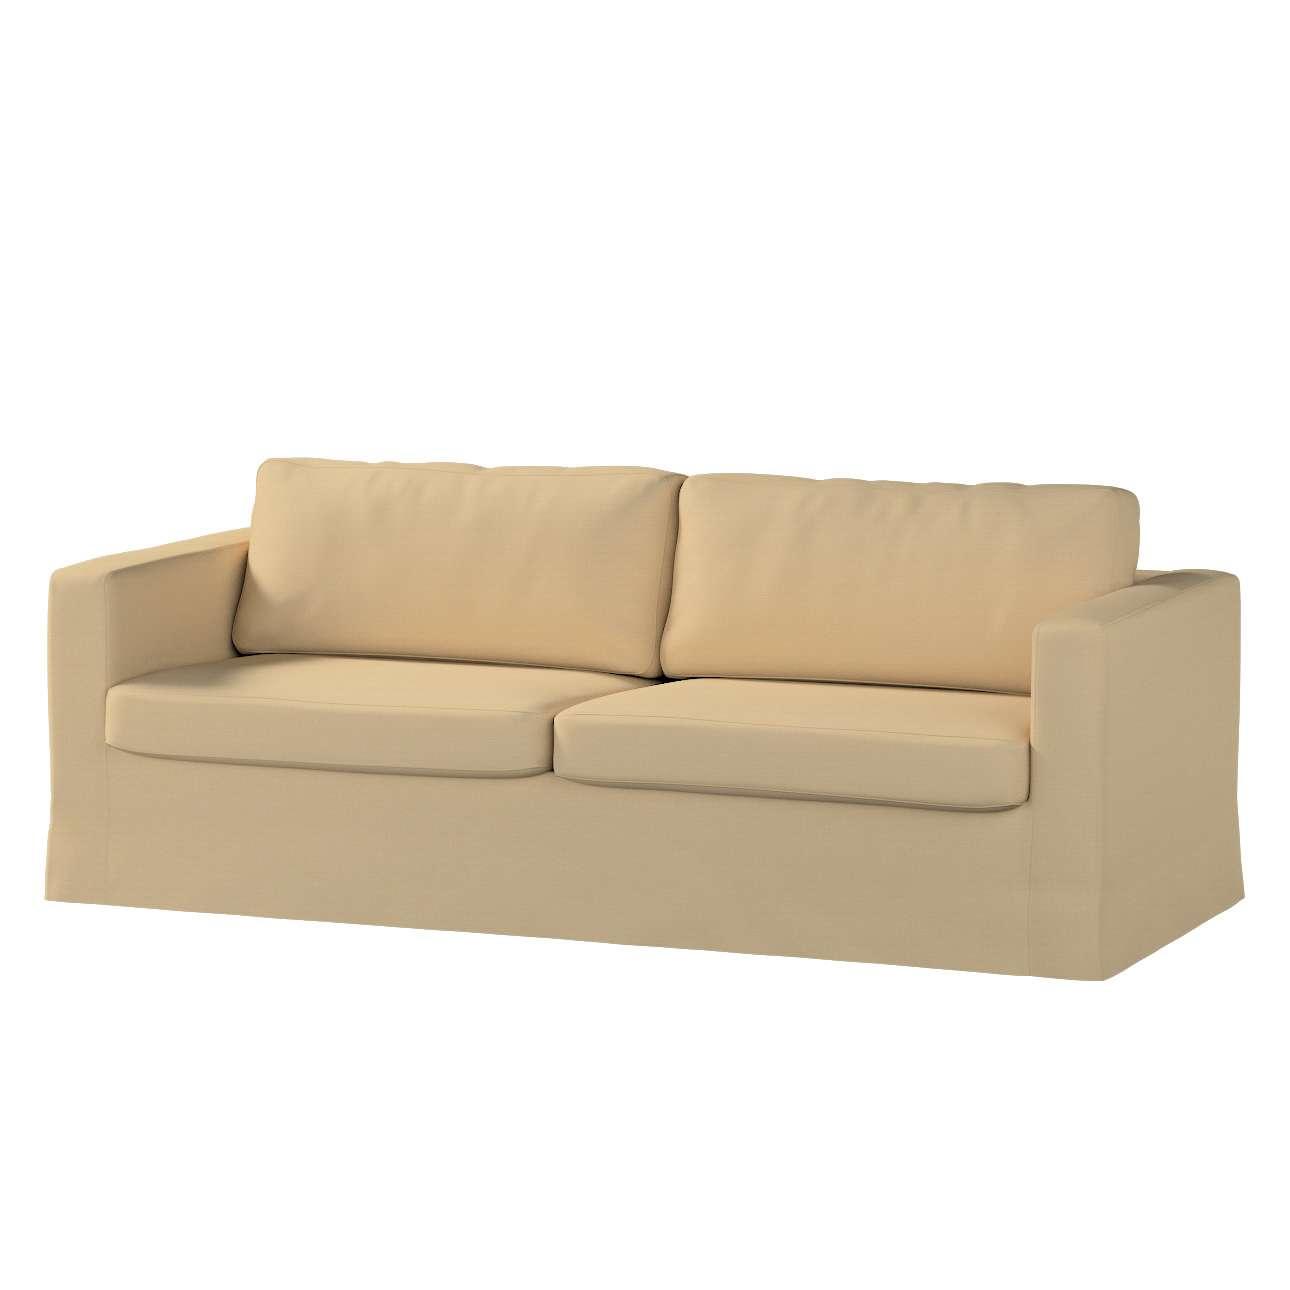 Pokrowiec na sofę Karlstad 3-osobową nierozkładaną, długi w kolekcji Cotton Panama, tkanina: 702-01